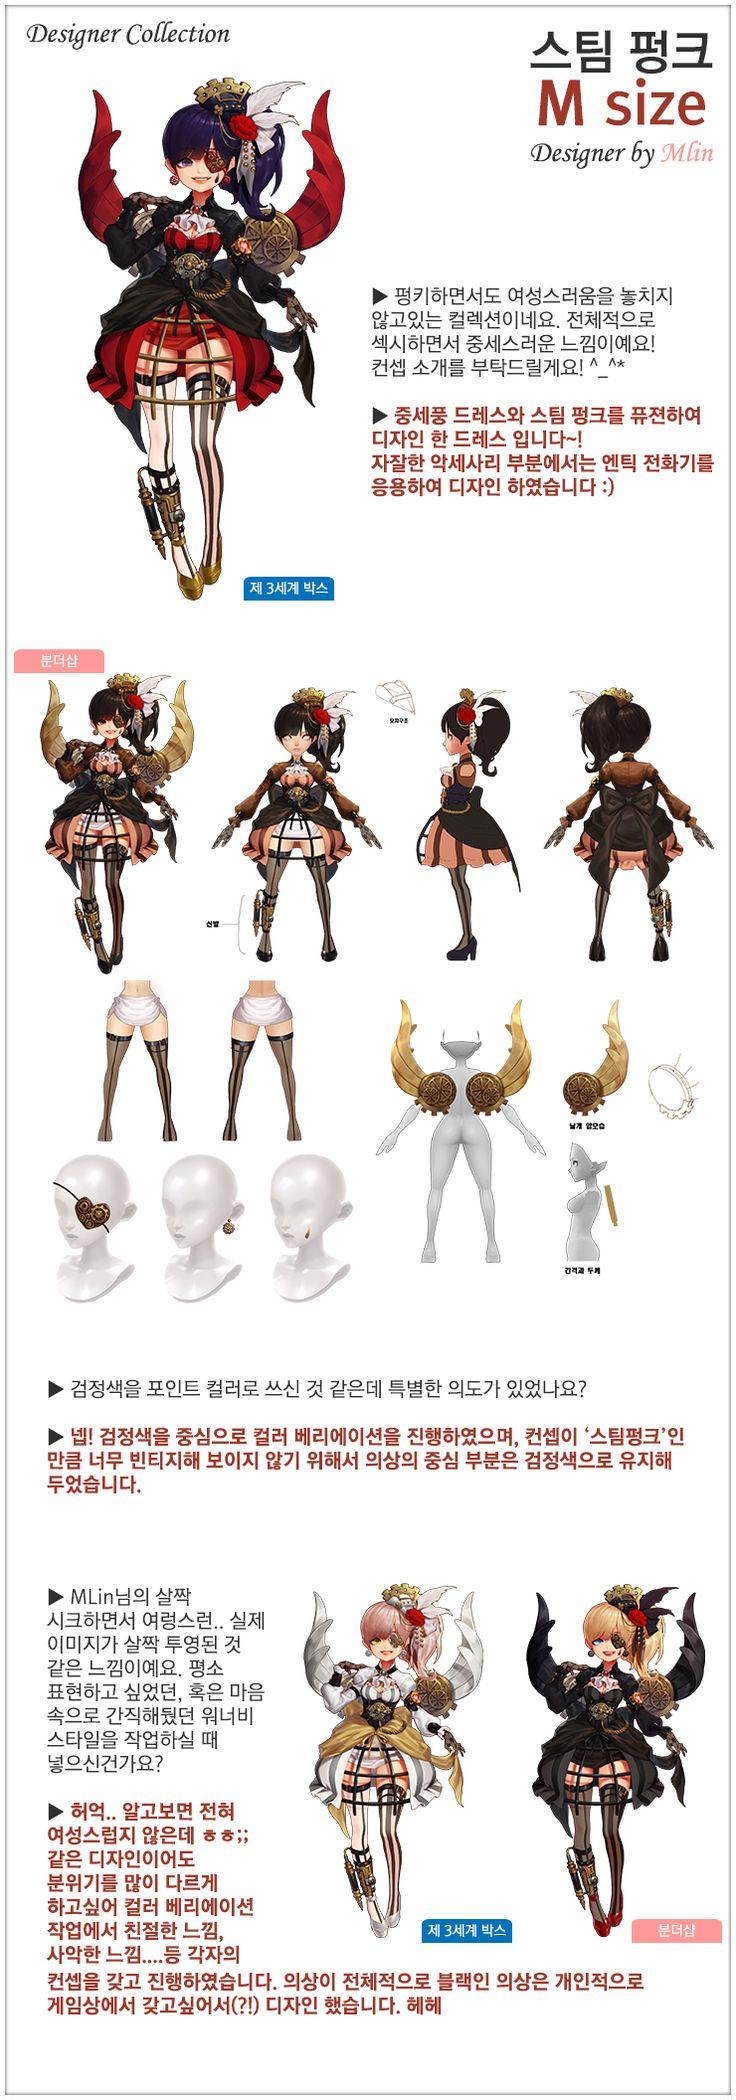 [72편] 12월 31일 추가되는 컬렉션의 모든 것! :: 액션중독! - 최강의군단